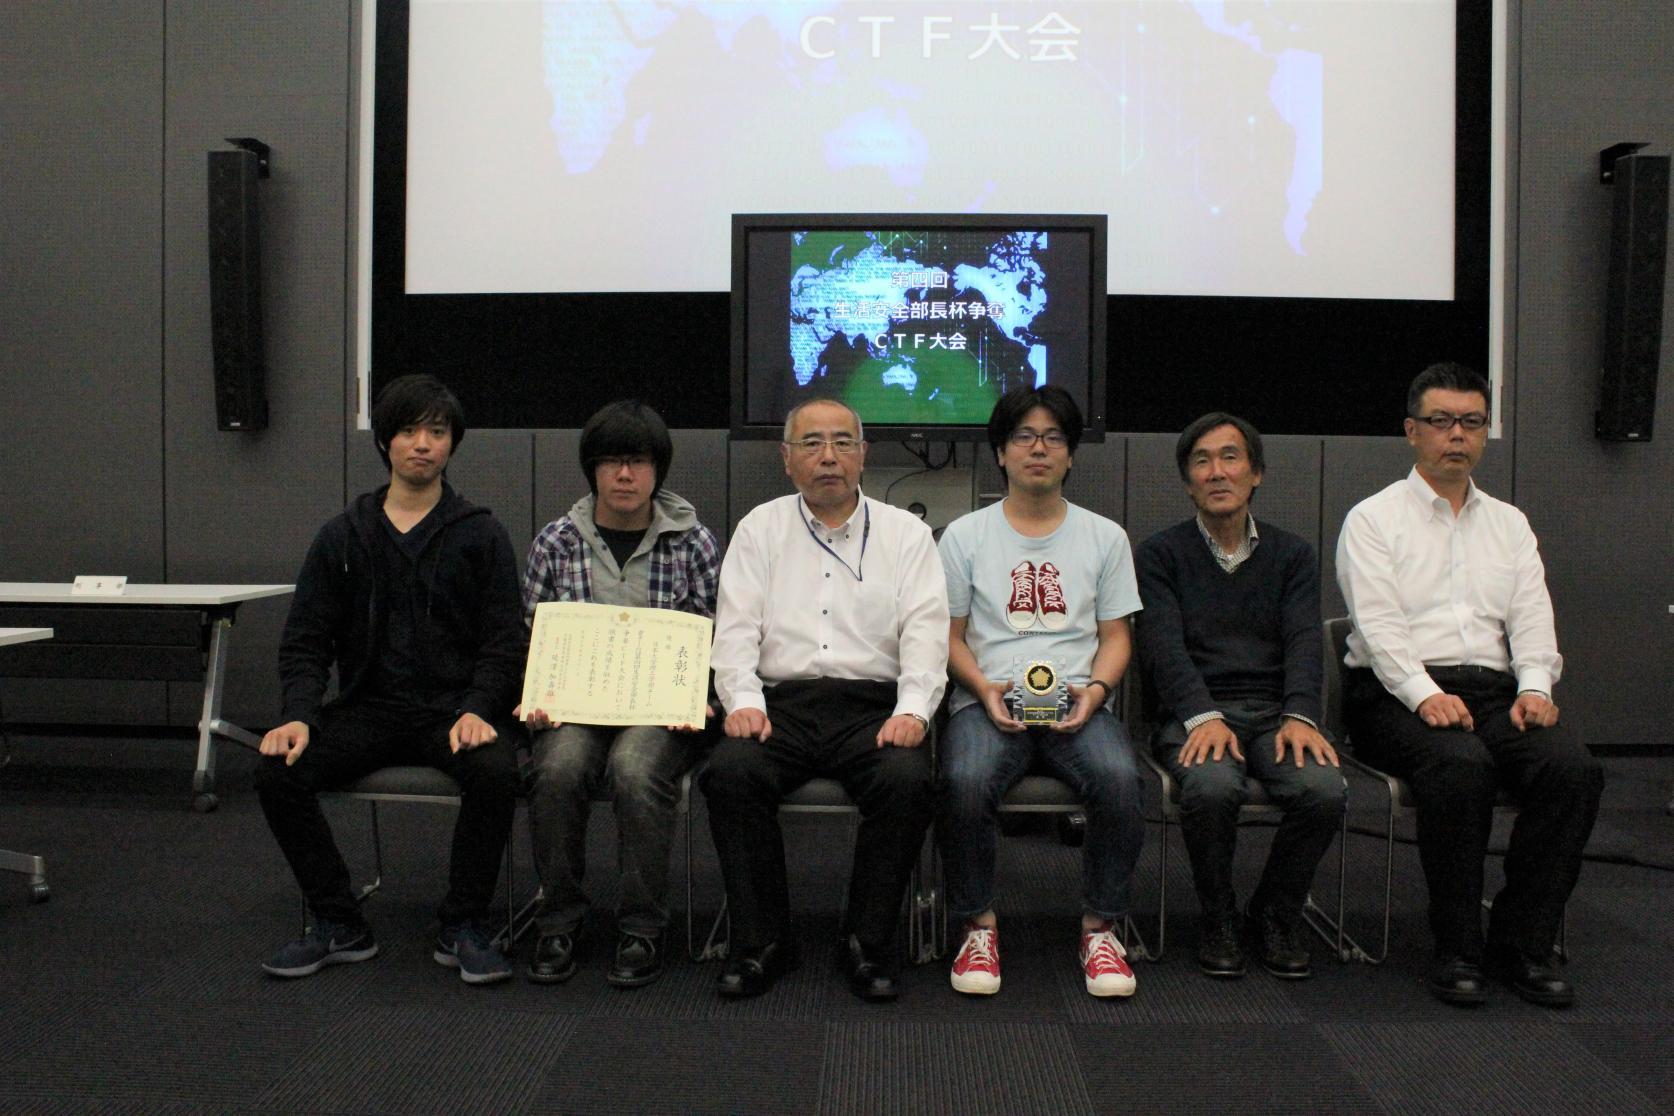 第4回千葉県警生活安全部長杯争奪CTF大会にて日本大学理工学部チーム(情報科学専攻 小寺さん、房安さん、数学専攻 栗原さん)が優勝しました。